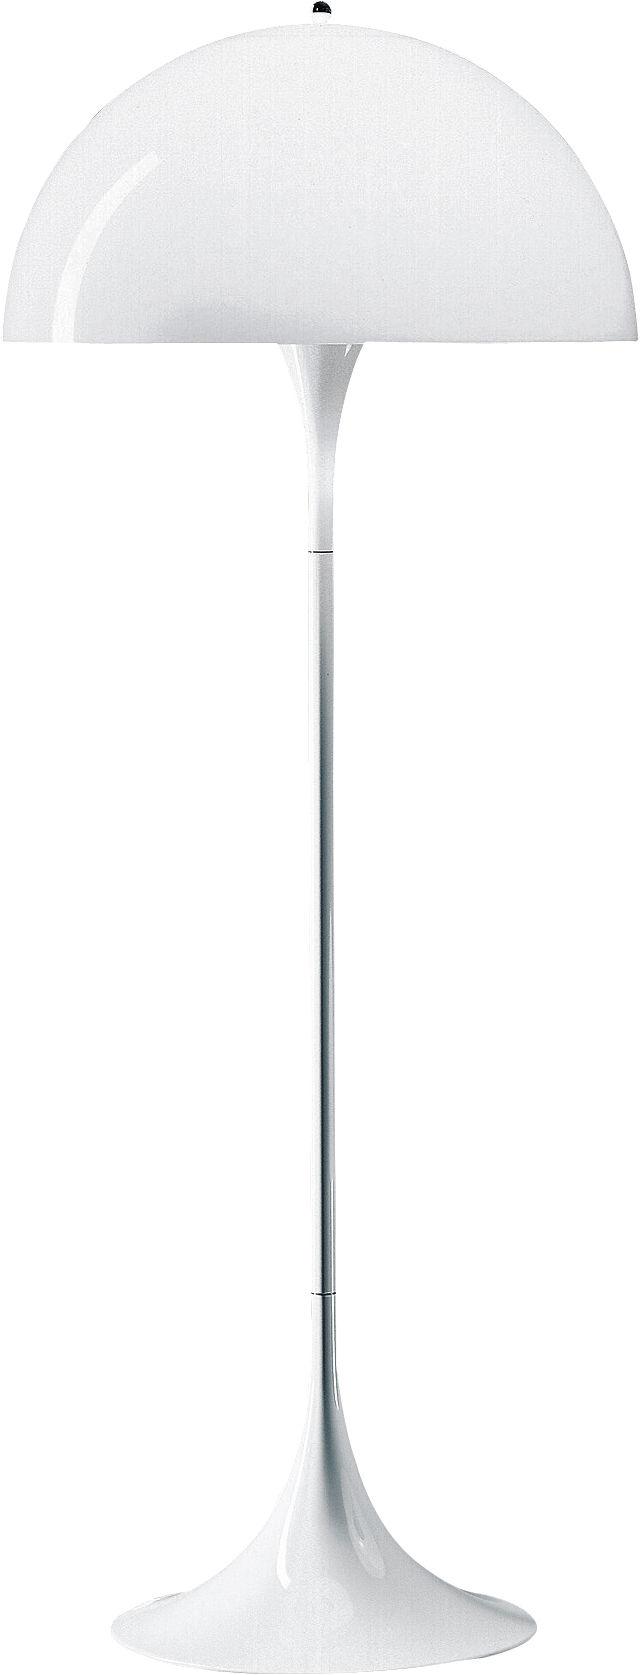 Luminaire - Lampadaires - Lampadaire Panthella / H 130,5 cm - Louis Poulsen - Blanc - ABS, Acrylique